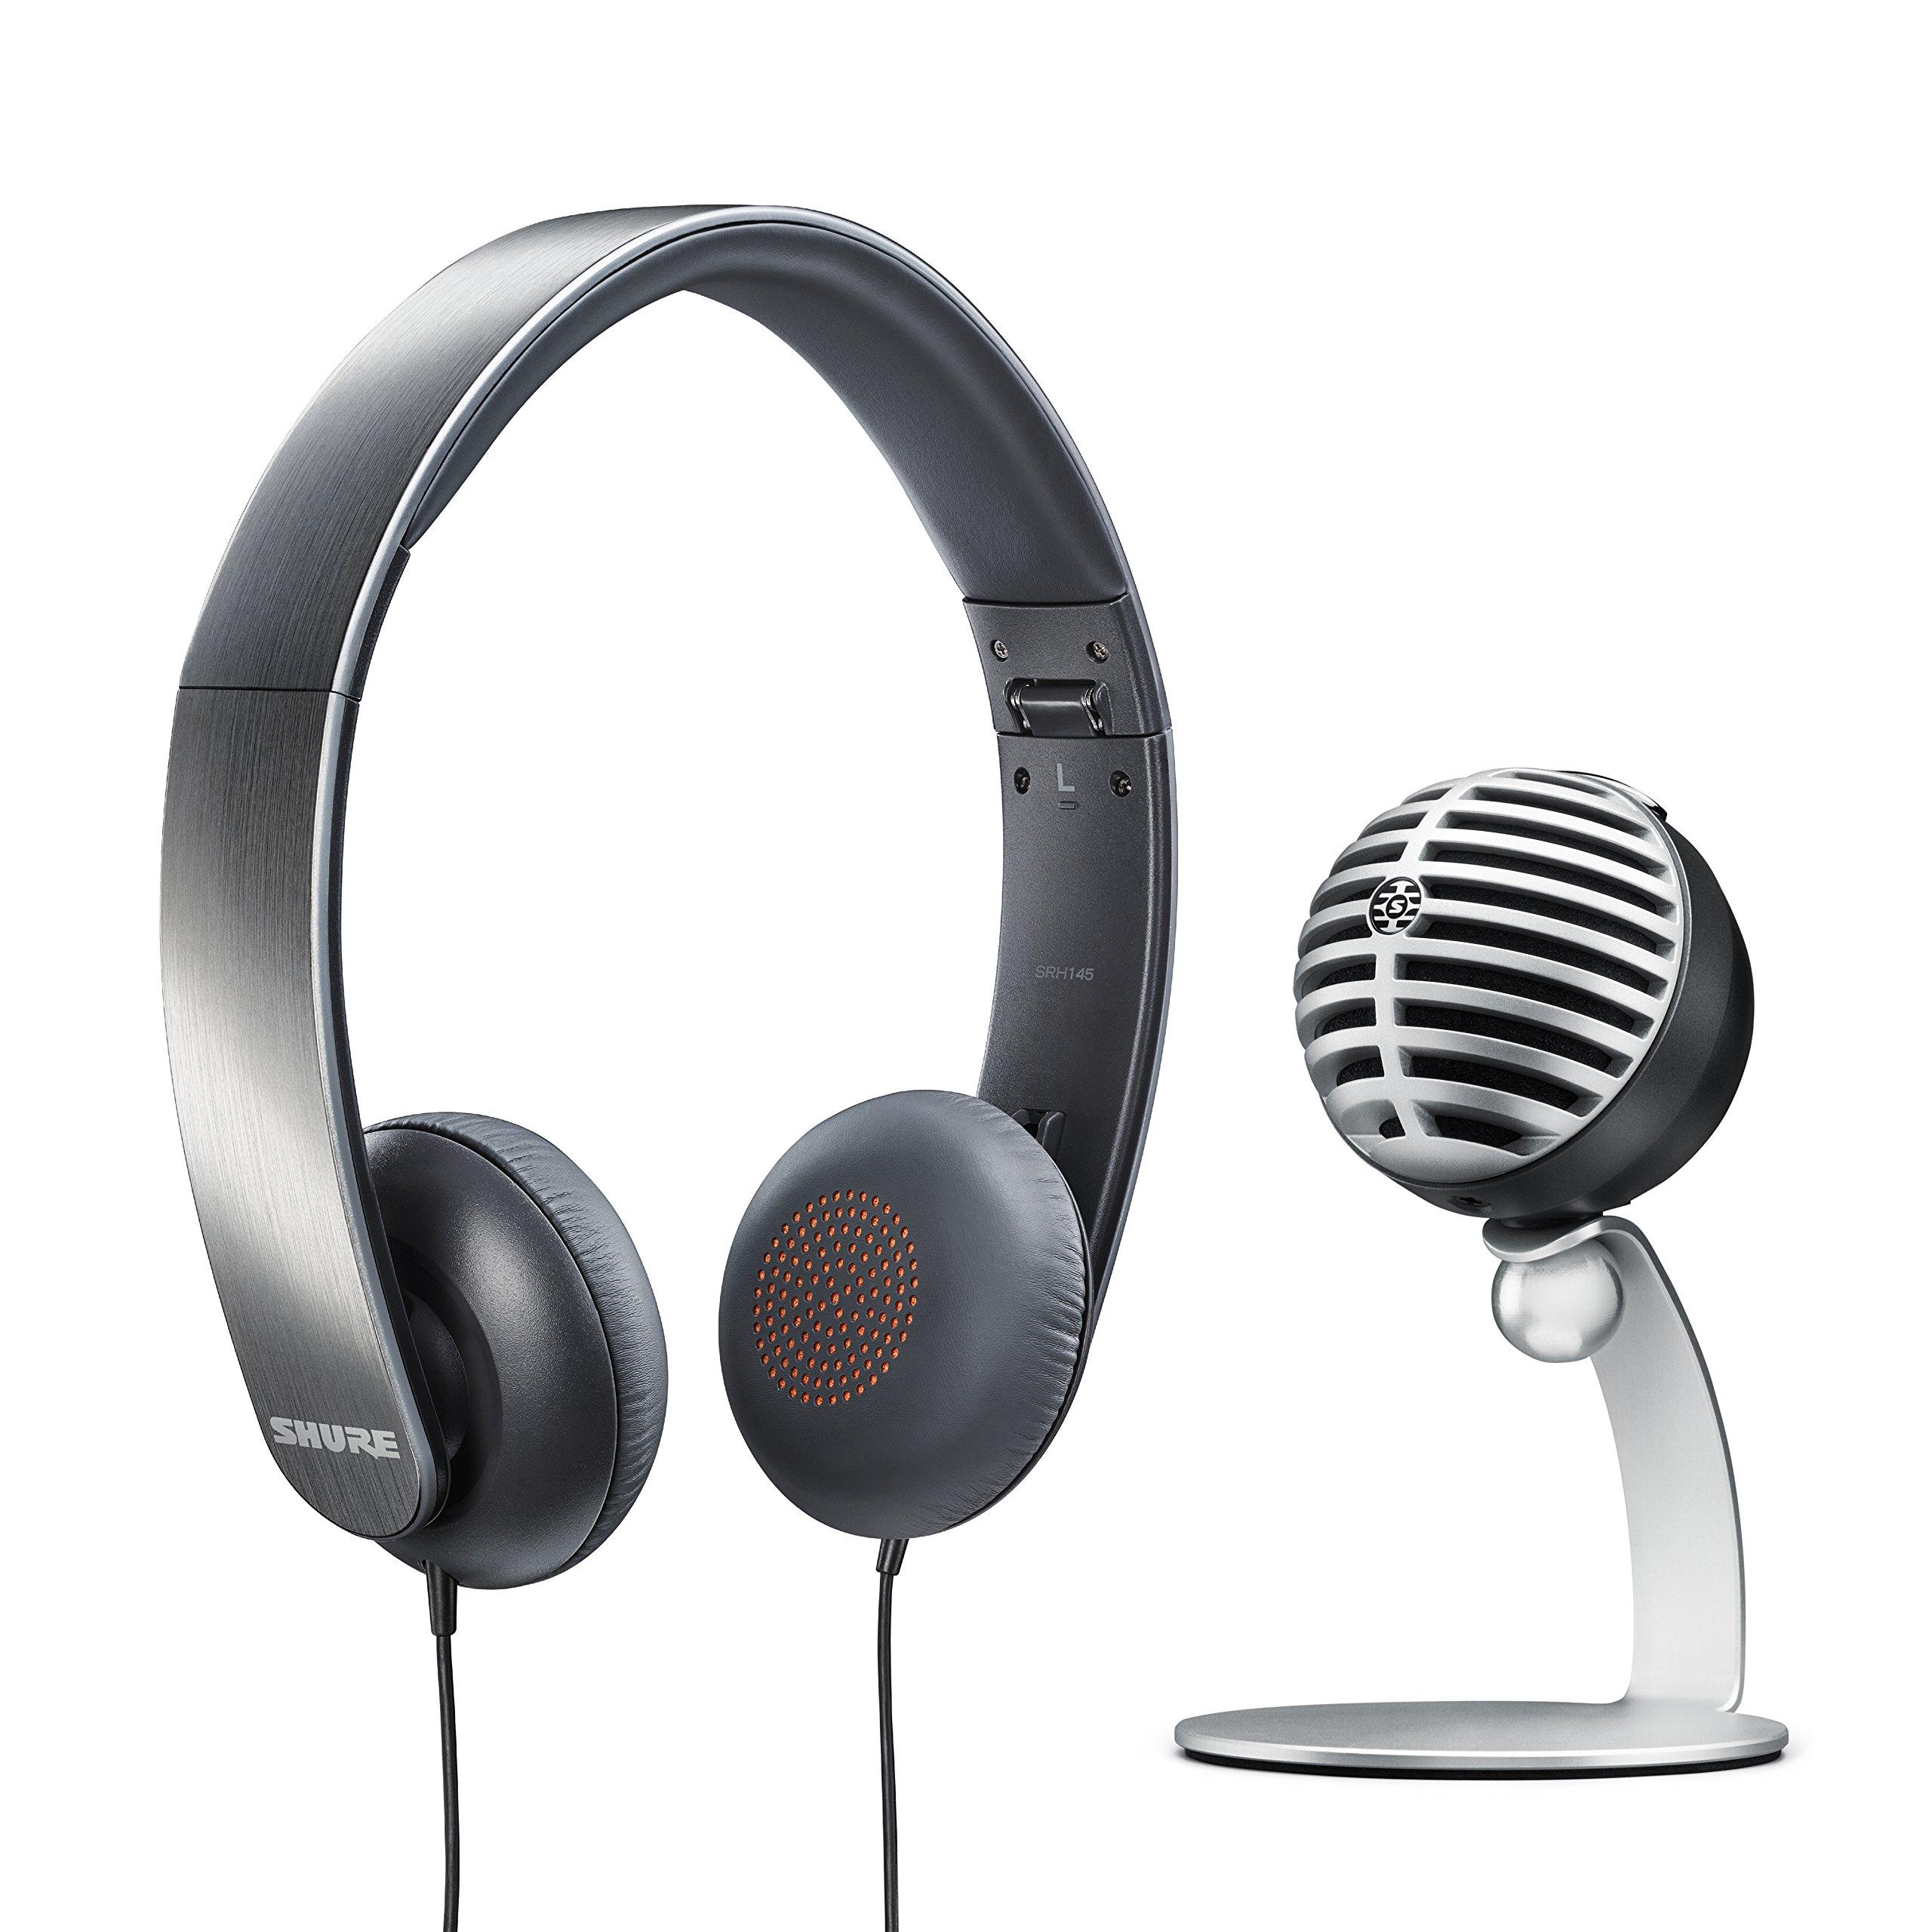 Paquete de juego Shure con micrófono de escritorio USB MV5 (gris) y auriculares SRH145